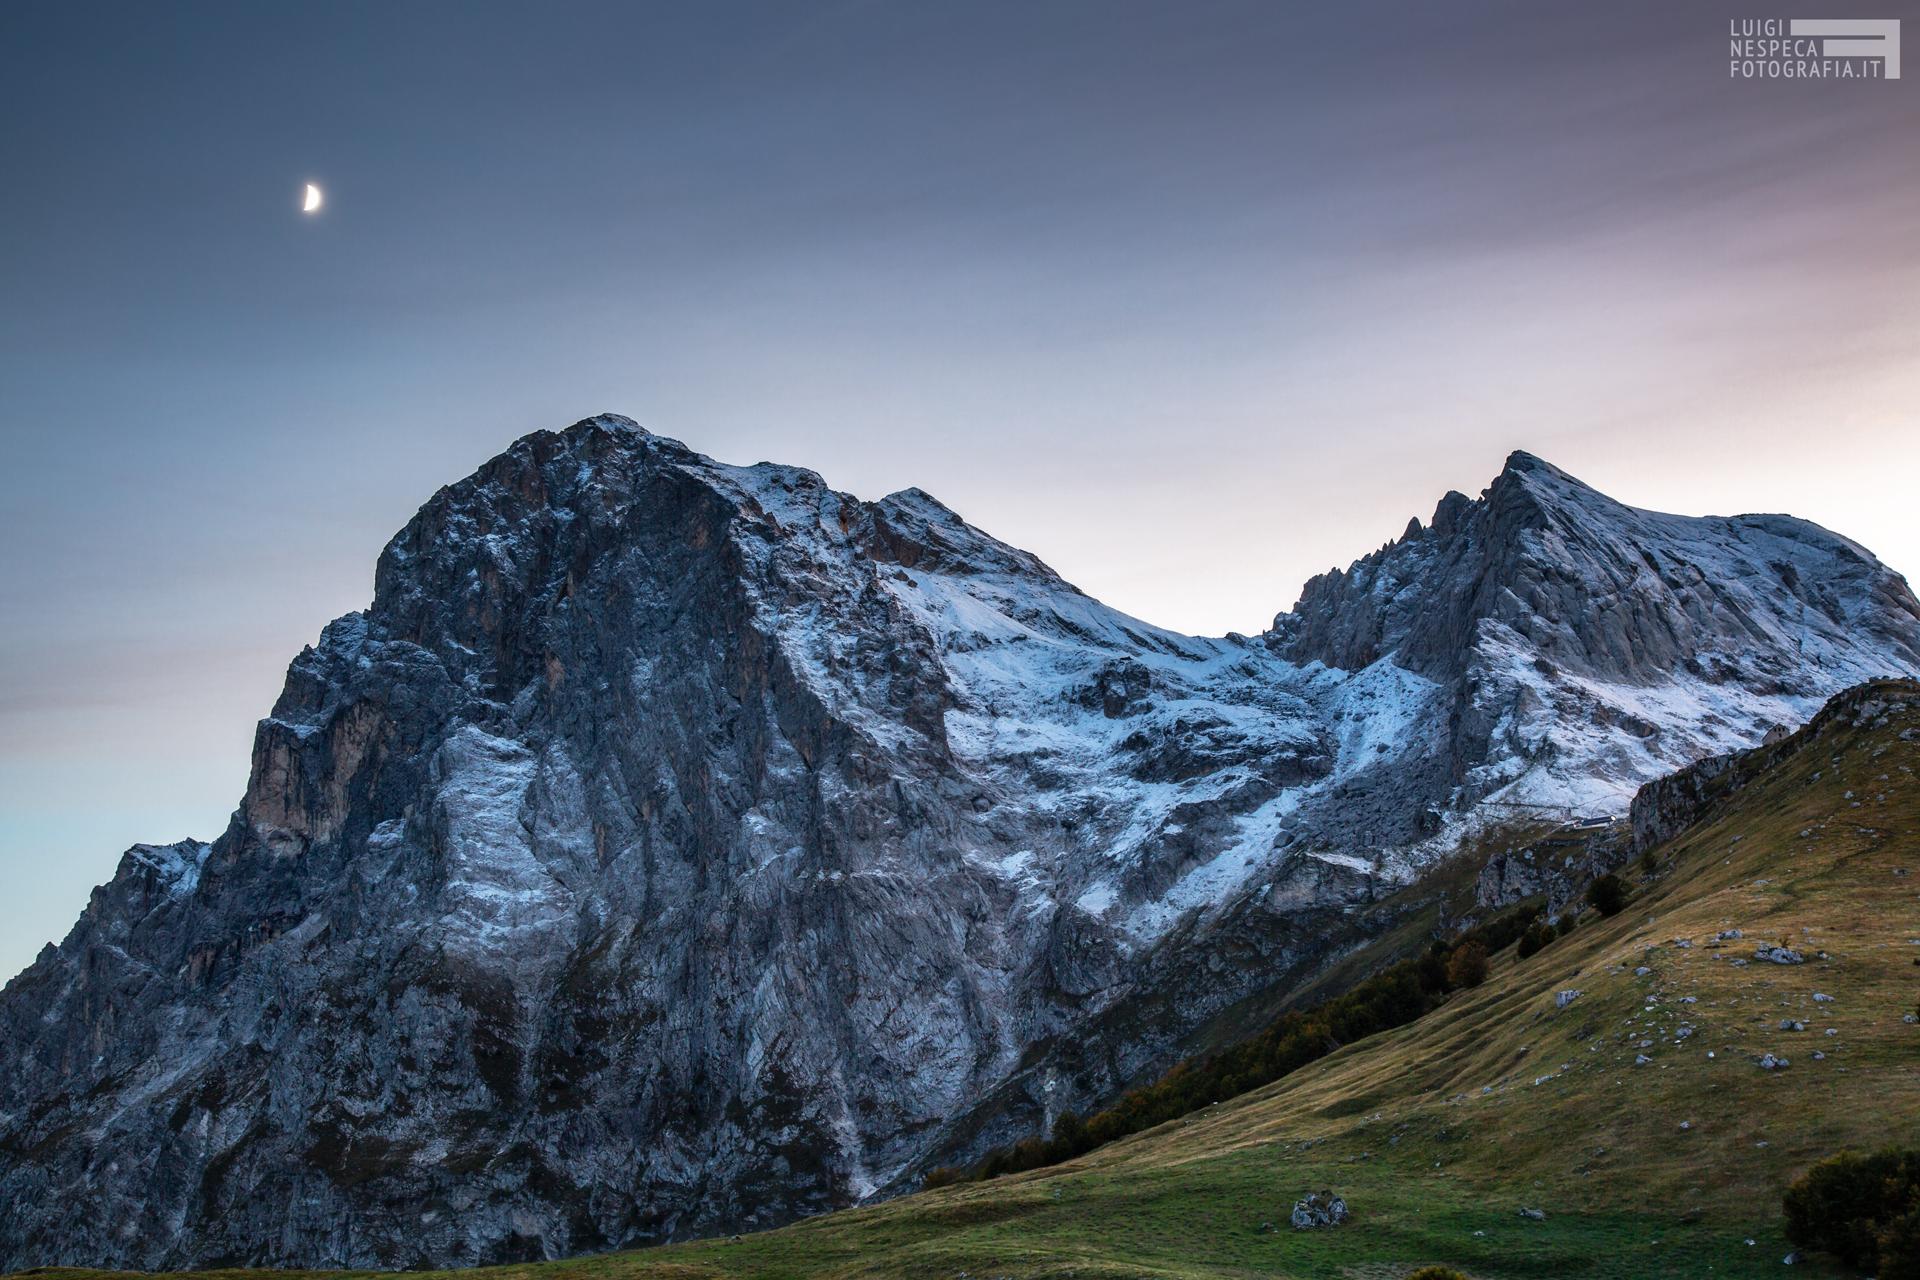 La luna e la prima neve sul Gran Sasso